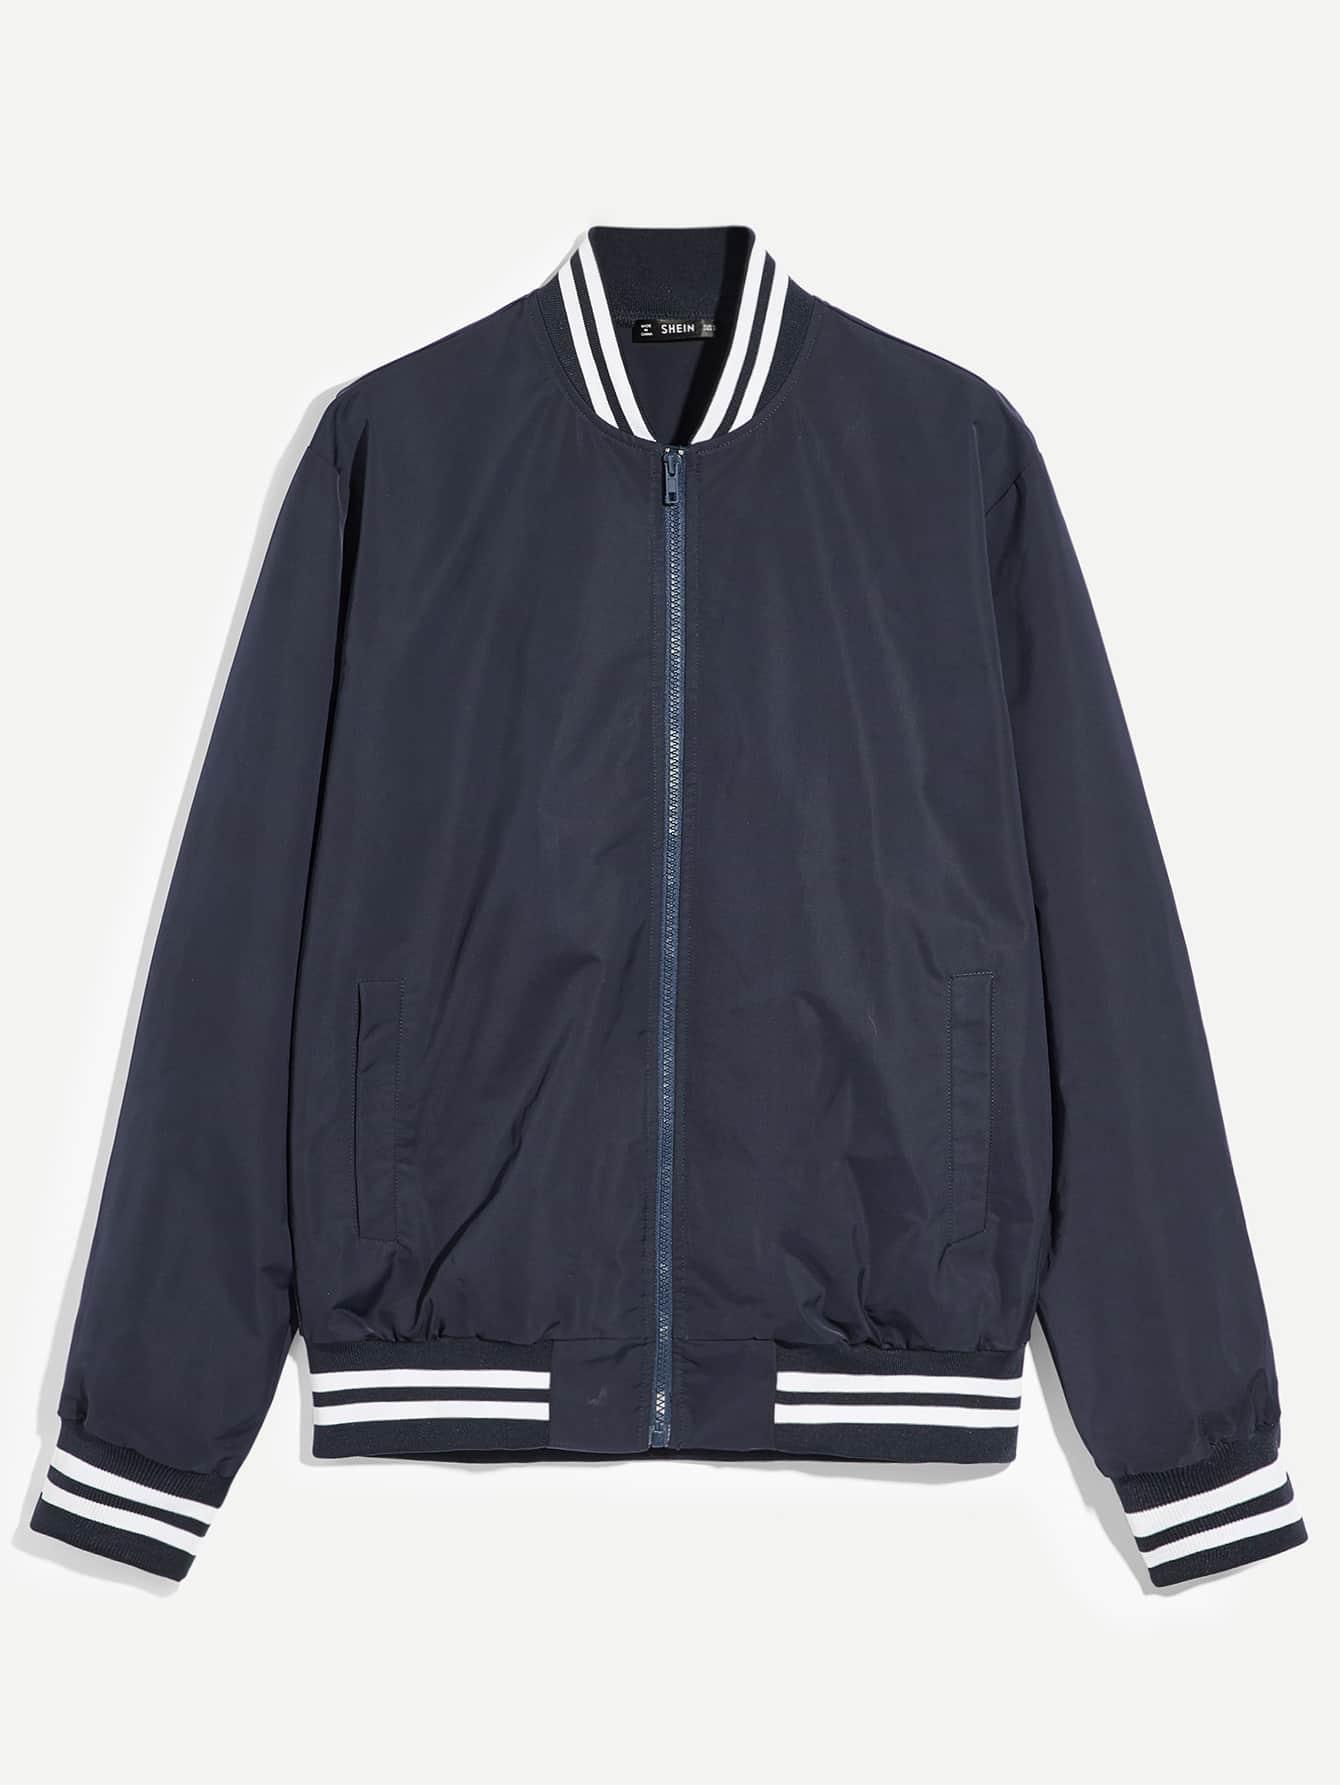 Фото - Для мужчин куртка на молнии от SheIn цвет темно синий